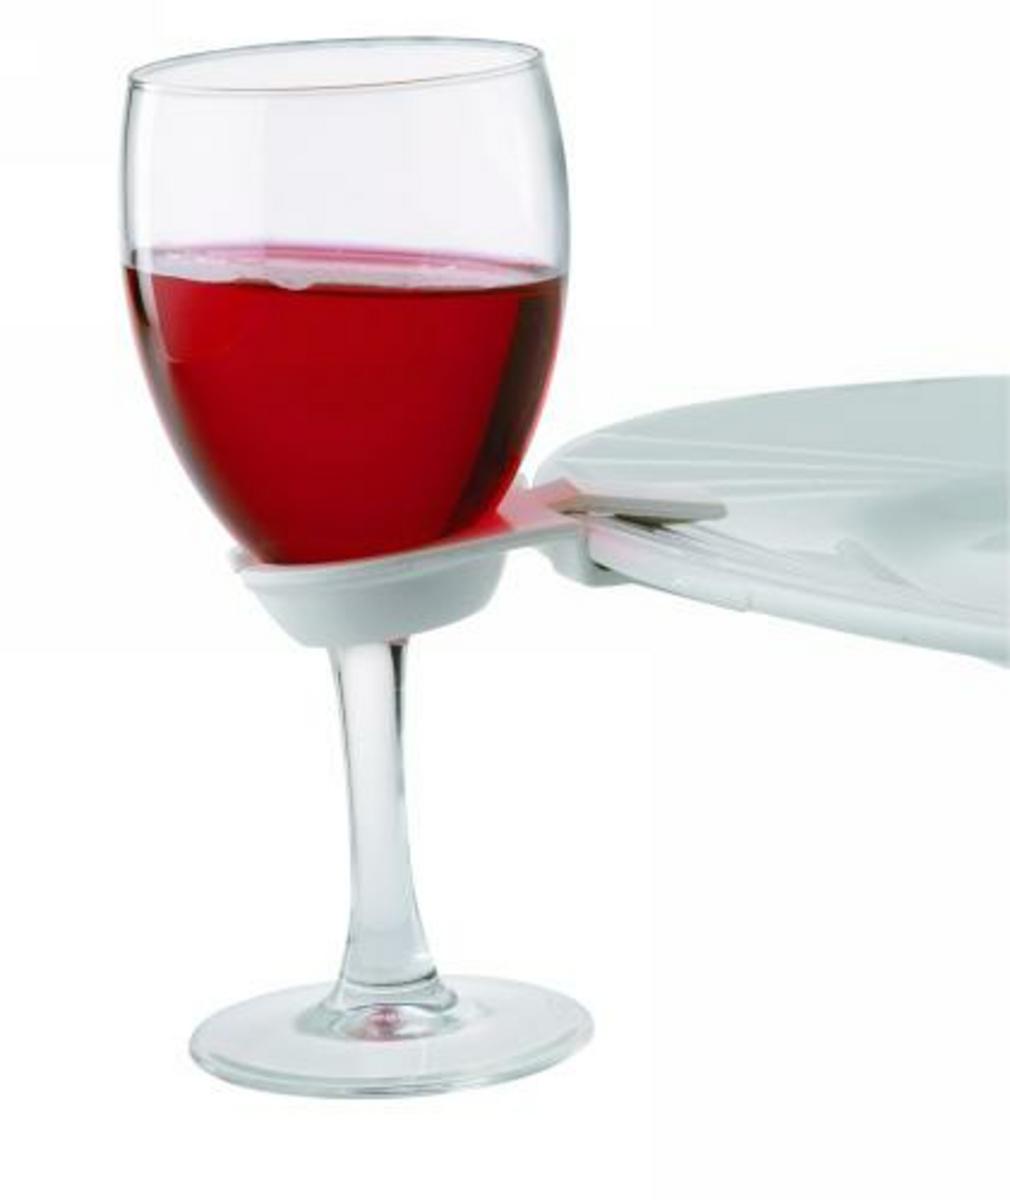 Accroche-verre blanc plastique Party Clips (20 pièces)